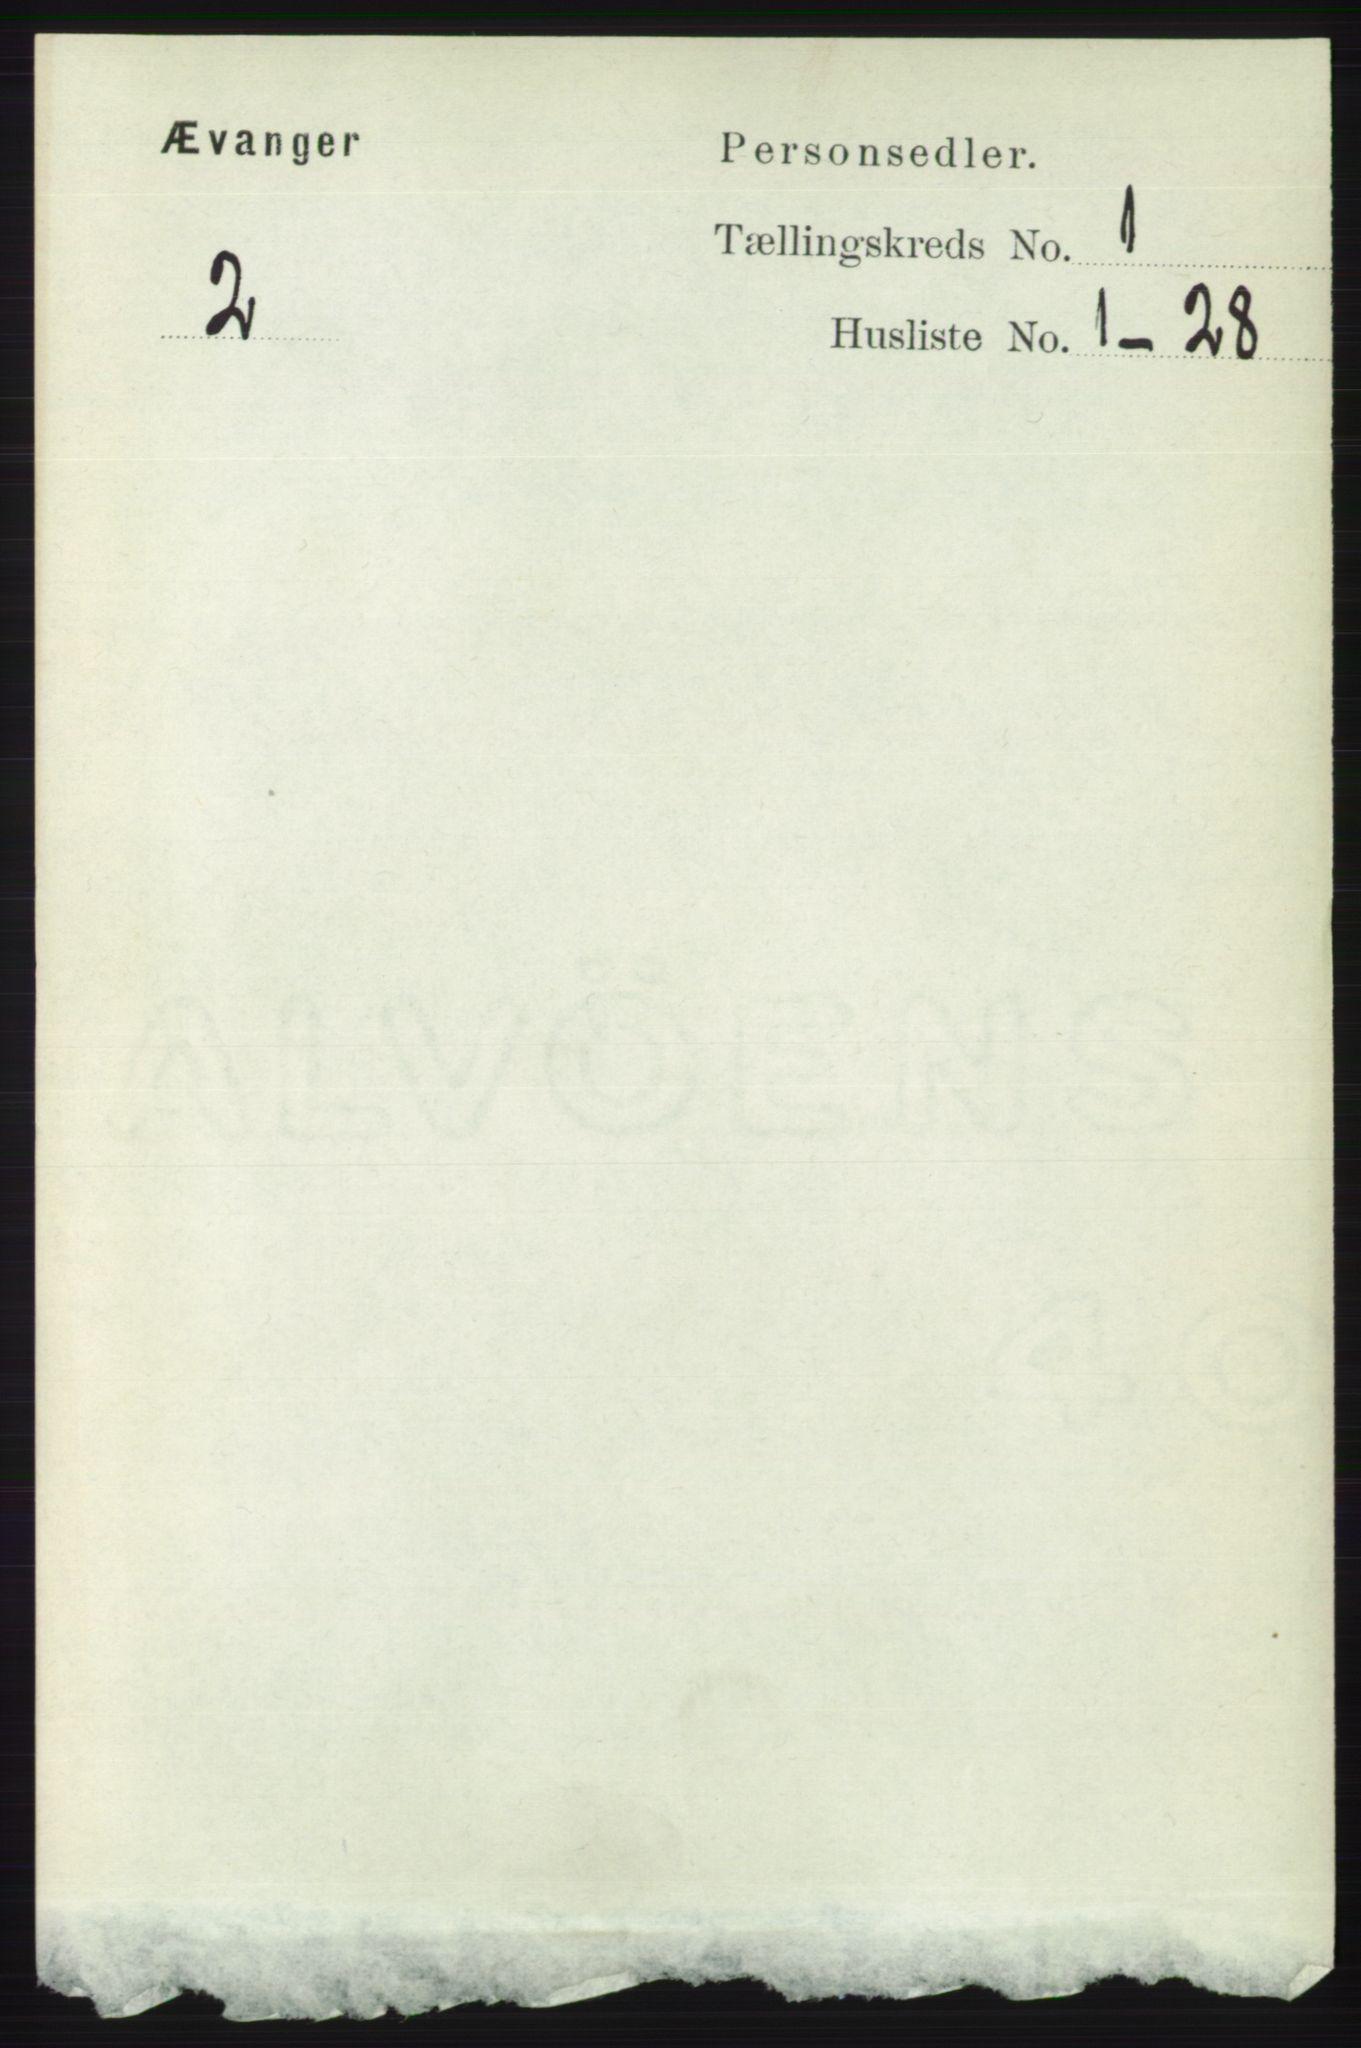 RA, Folketelling 1891 for 1237 Evanger herred, 1891, s. 53